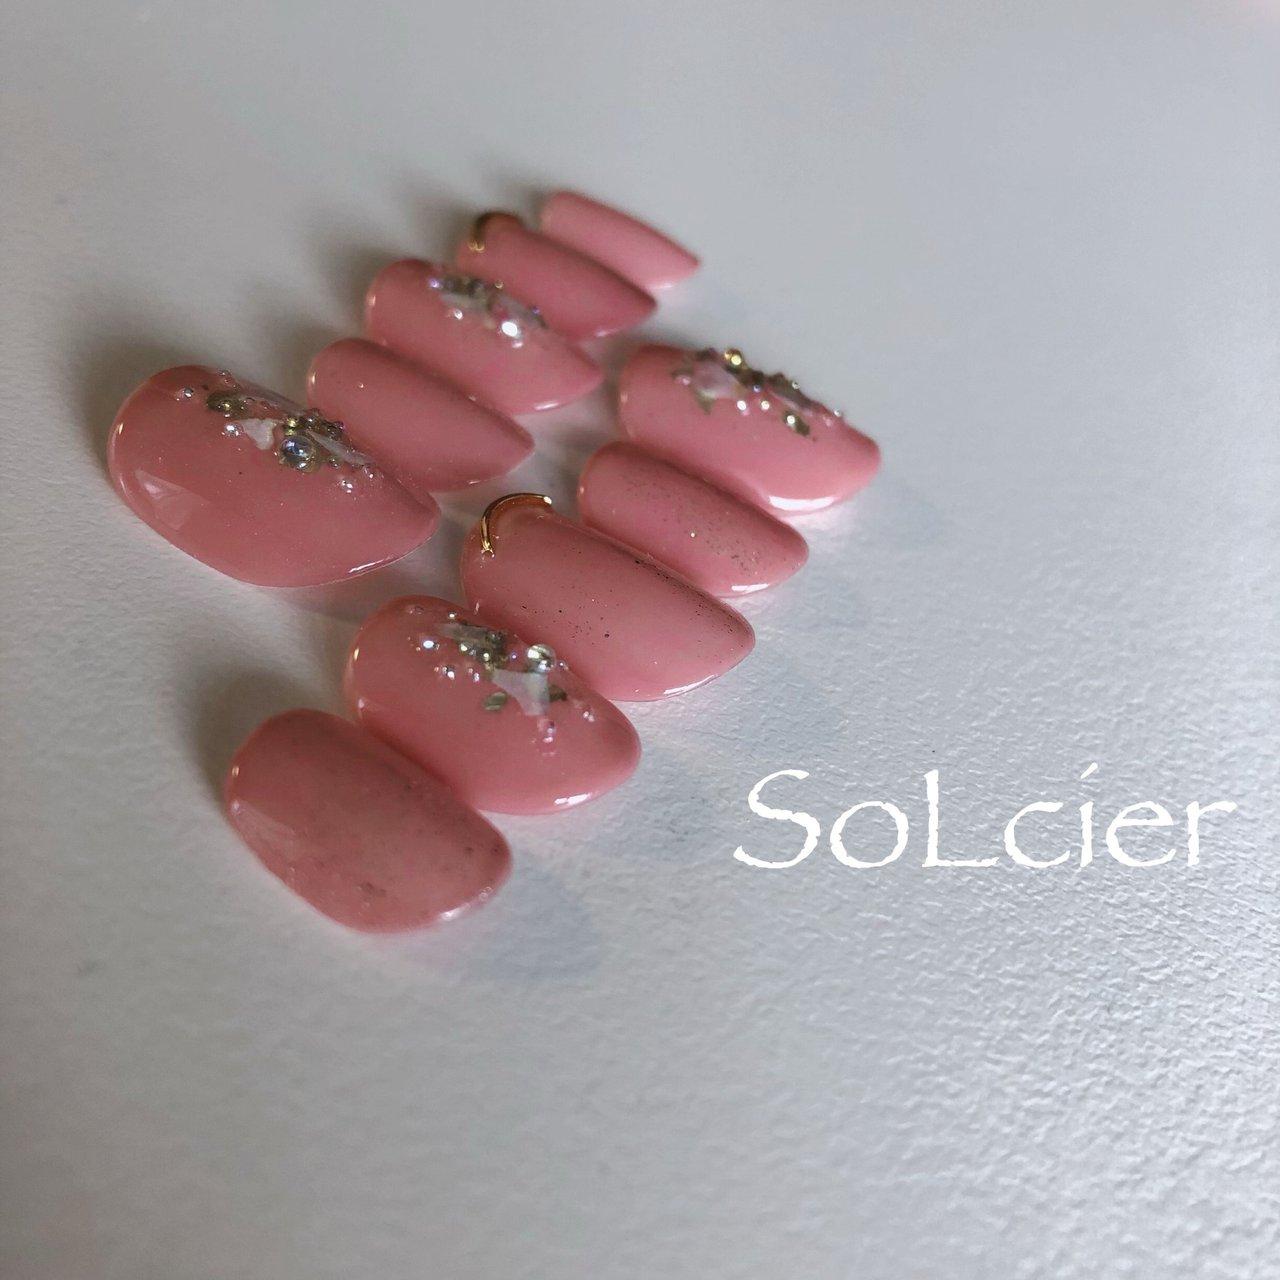 #ブライダル #ハンド #ワンカラー #クリスタルピクシー #ピンク #【SoLcier】ソルシエ #ネイルブック